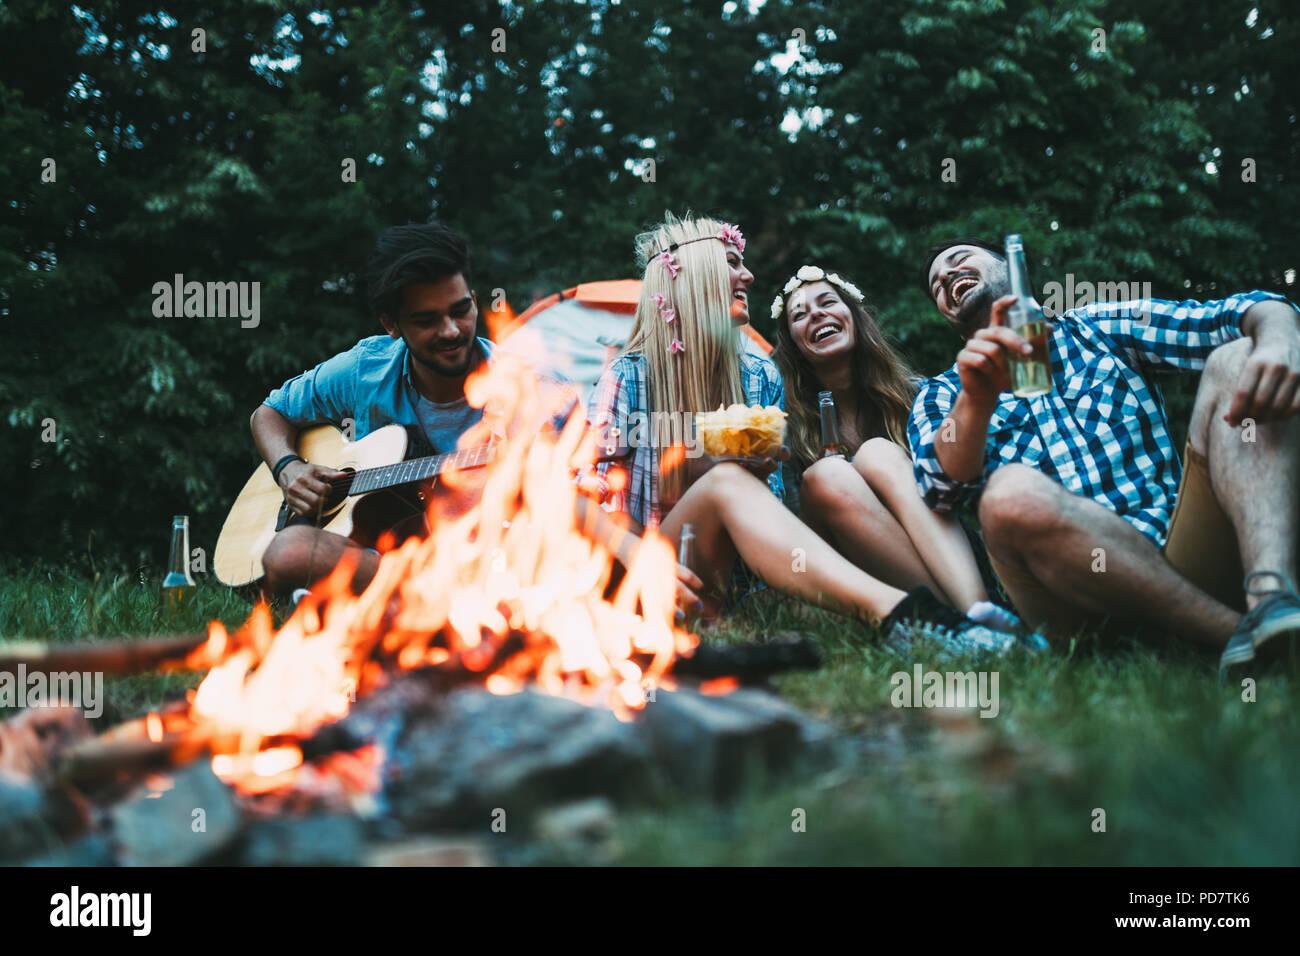 Alegres jóvenes amigos divertirme fogata Imagen De Stock